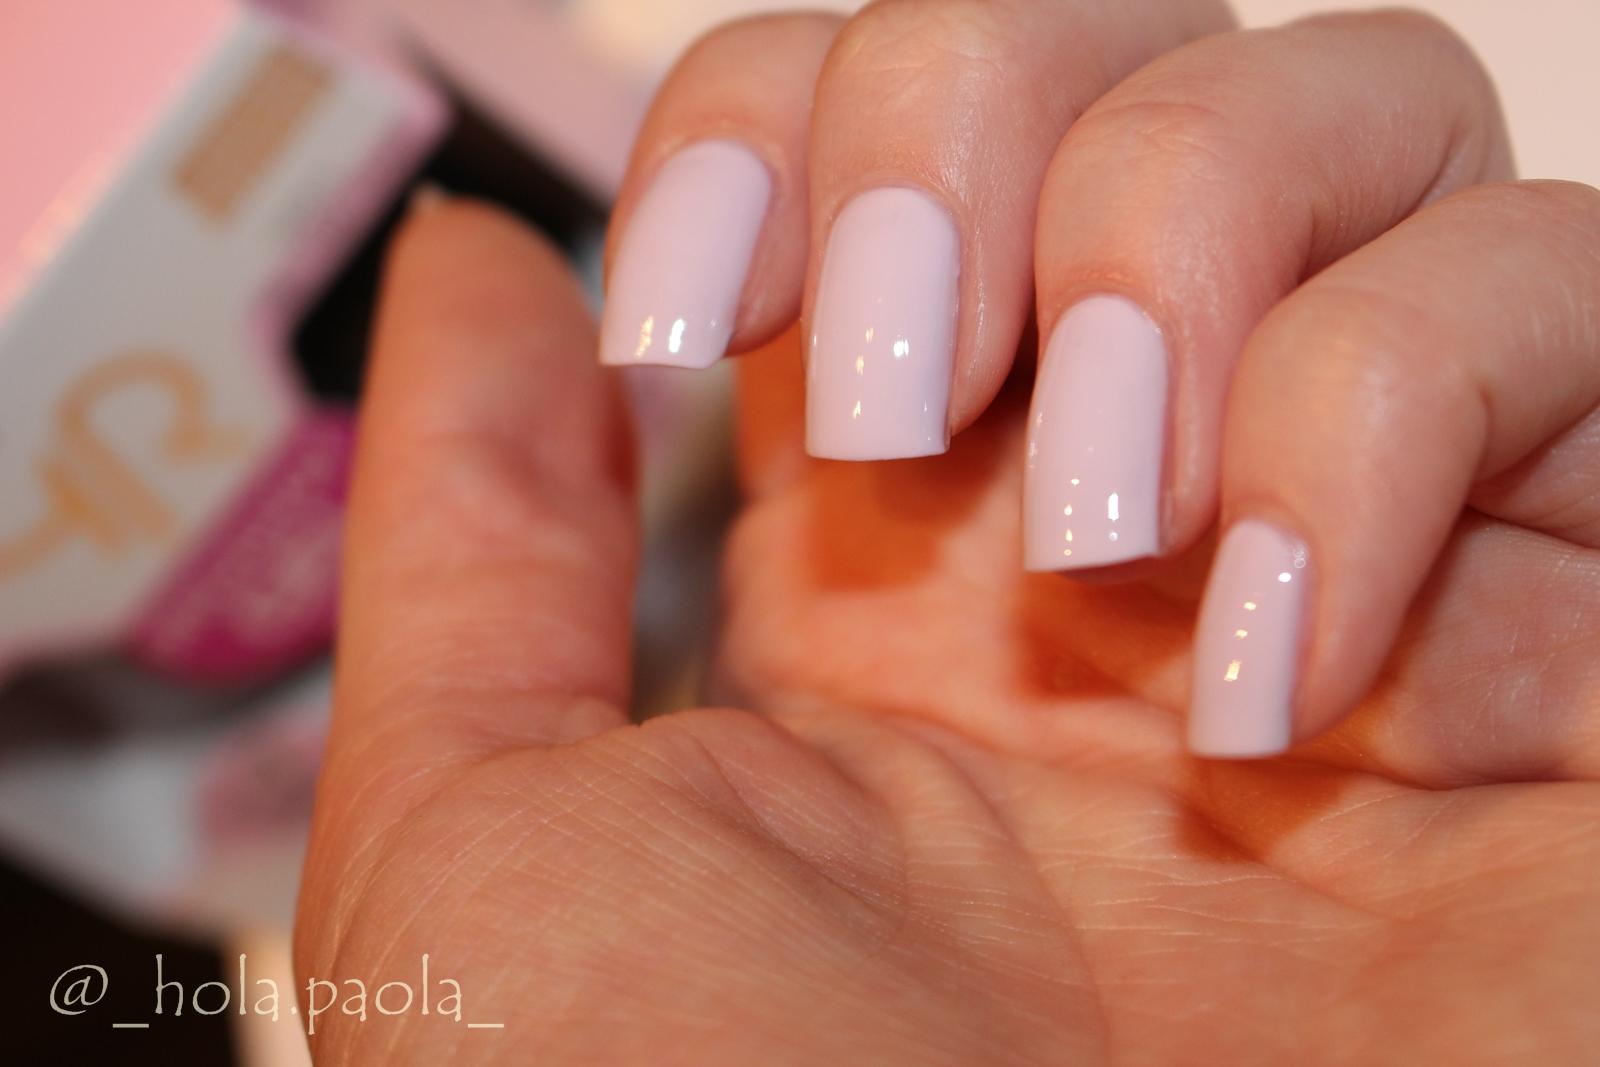 Prodigy Gel Duo - Podwójny Żel Do Paznokci - Golden Rose alternatywa dla lakieru hybrydowego test opinie 04 tanie hybrydy nude nails